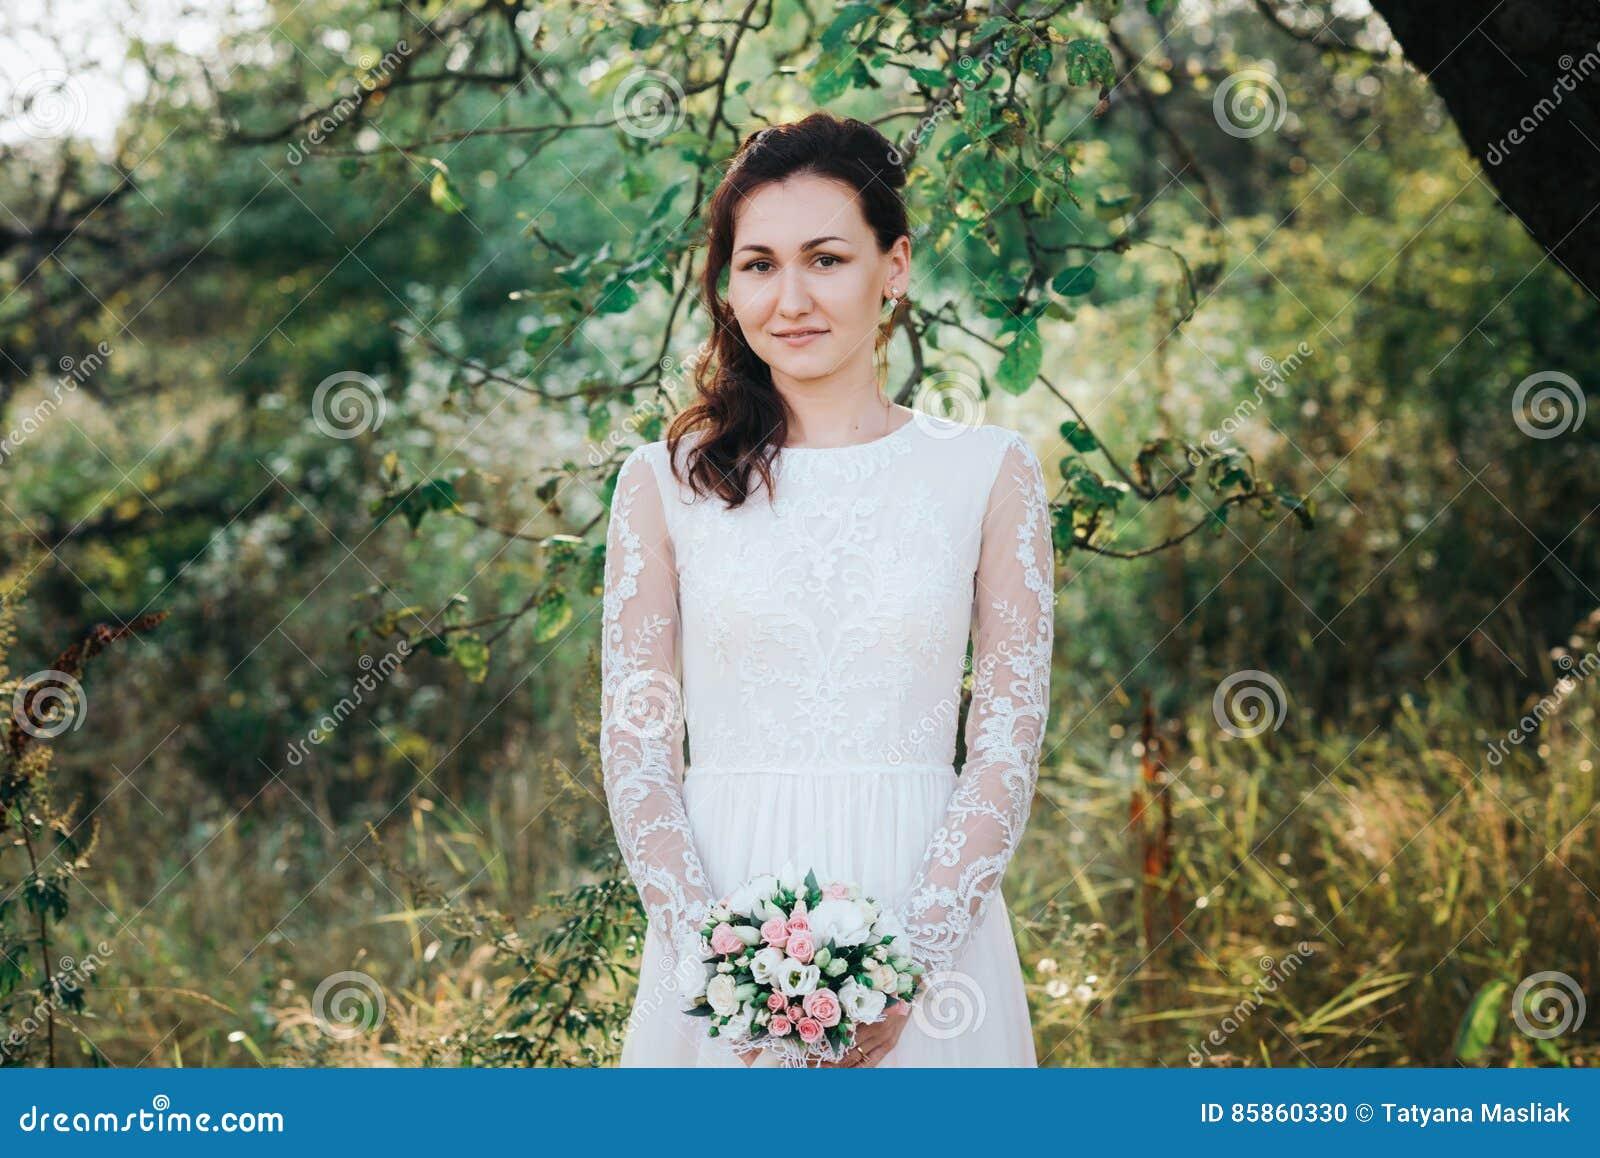 Hochzeit Junge Schone Braut Mit Der Frisur Und Make Up Die Im